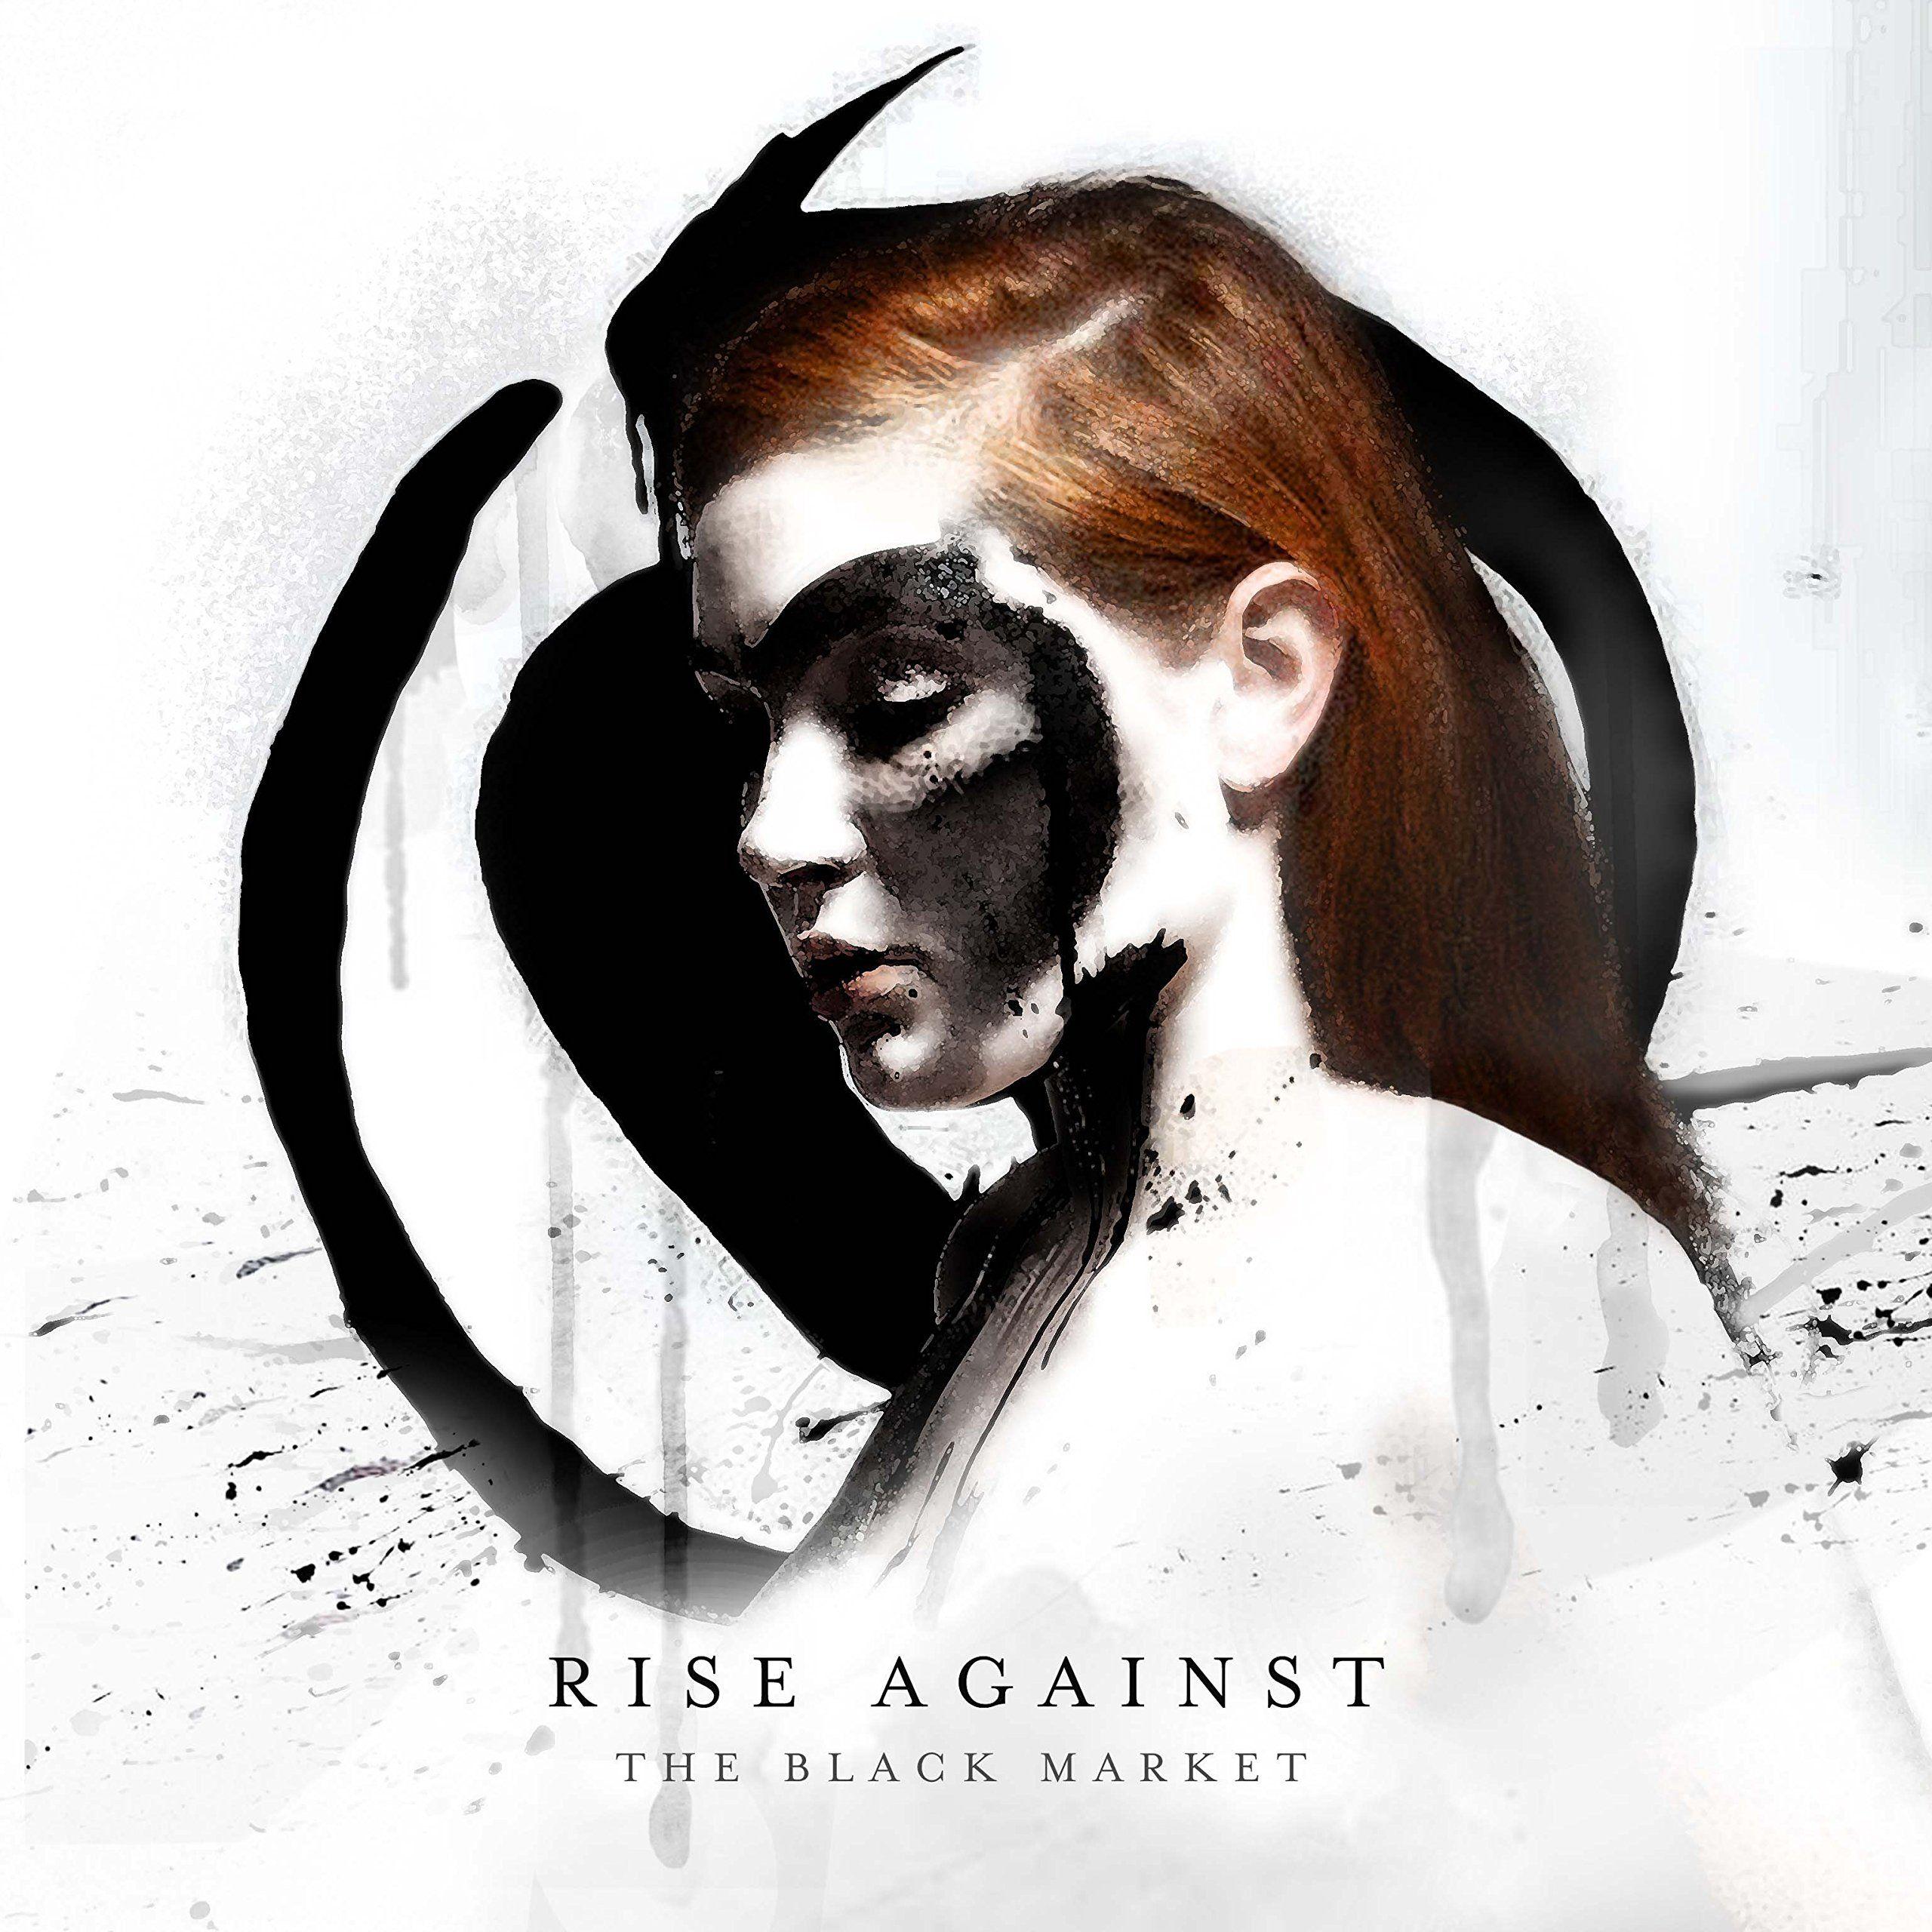 Rise Against - The Black Market album cover